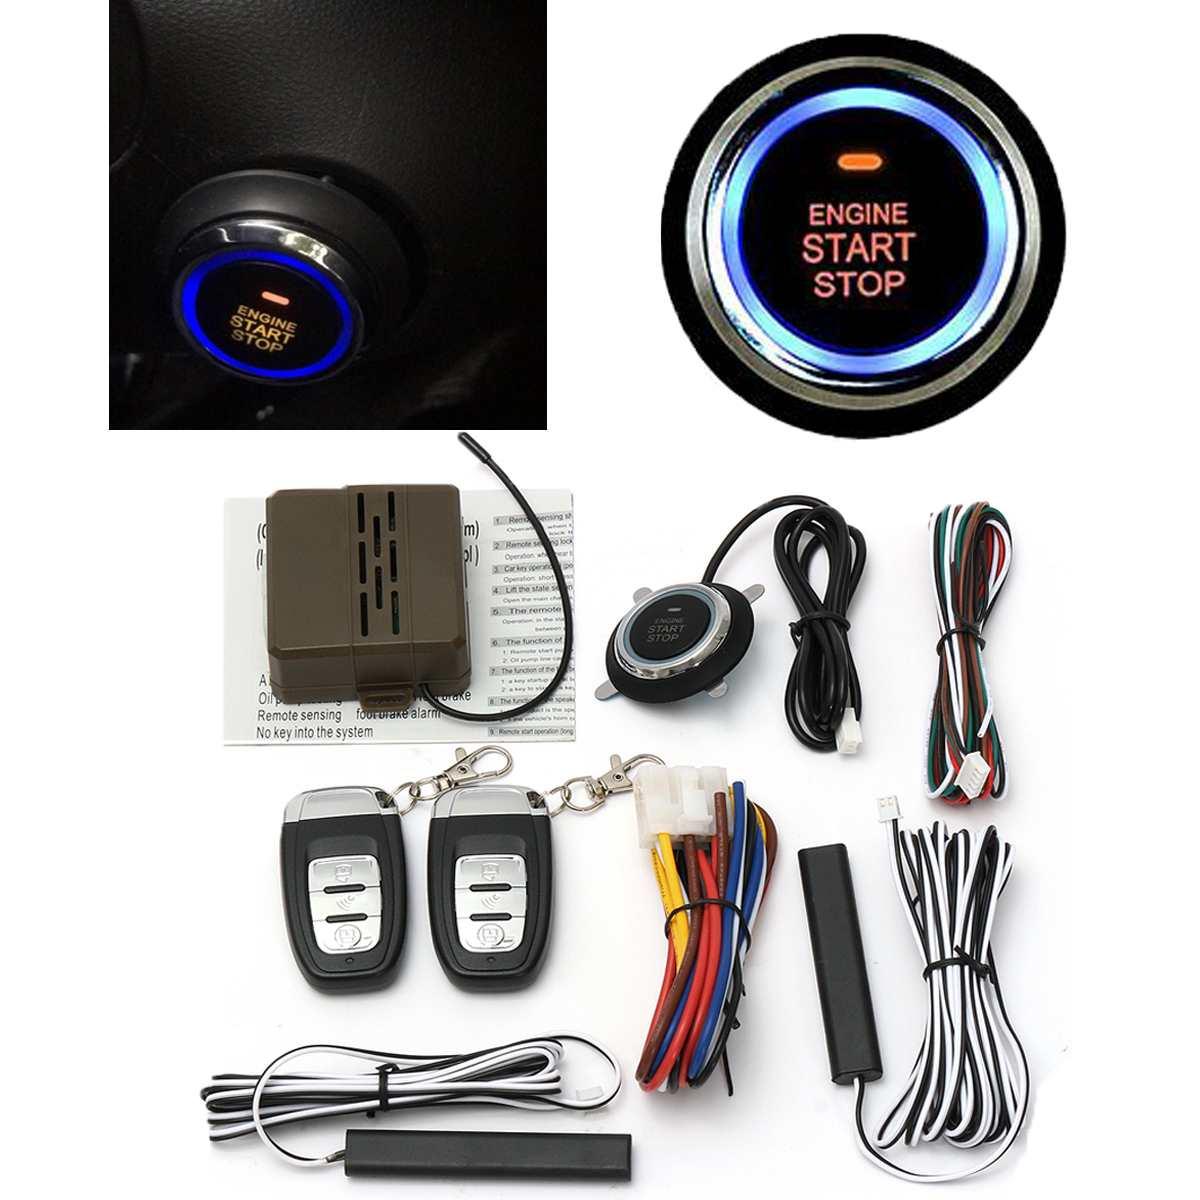 Arrêt de démarrage du moteur de voiture Audew SUV entrée sans clé système d'alarme de démarrage du moteur bouton poussoir arrêt du démarreur à distance accessoires Auto de voiture - 6